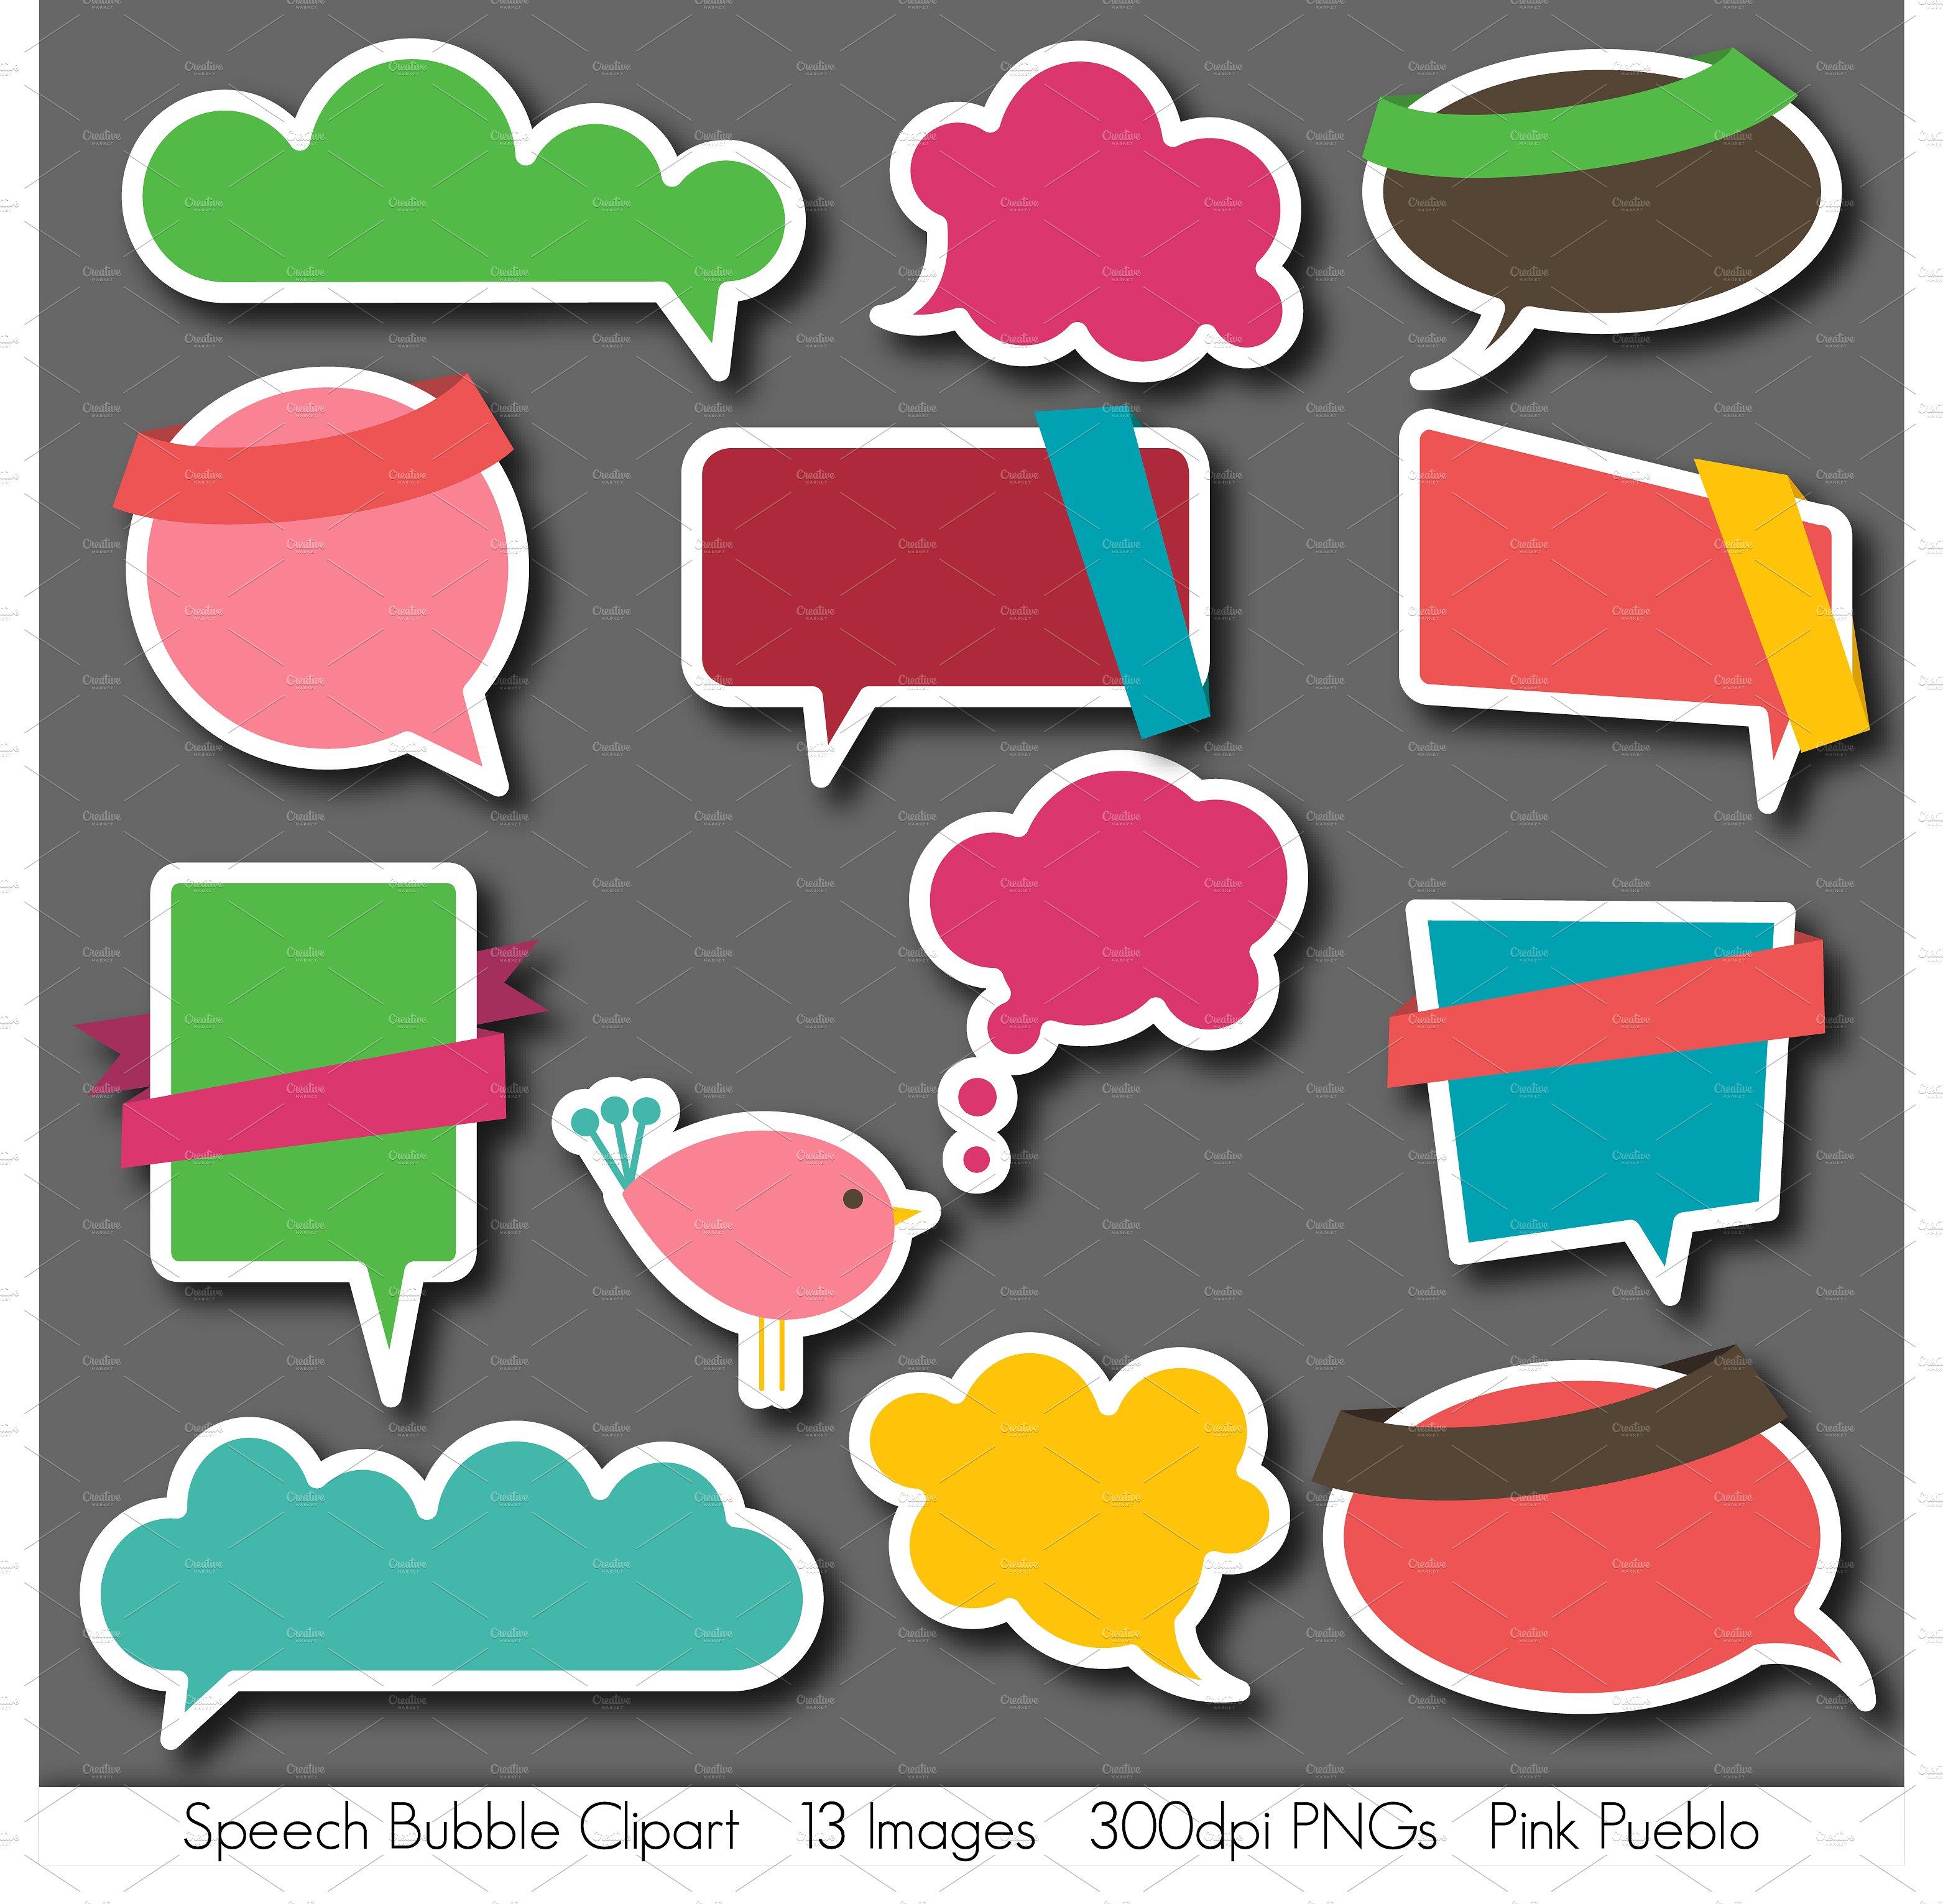 Bubble clipart illustration. Speech bubbles vectors and